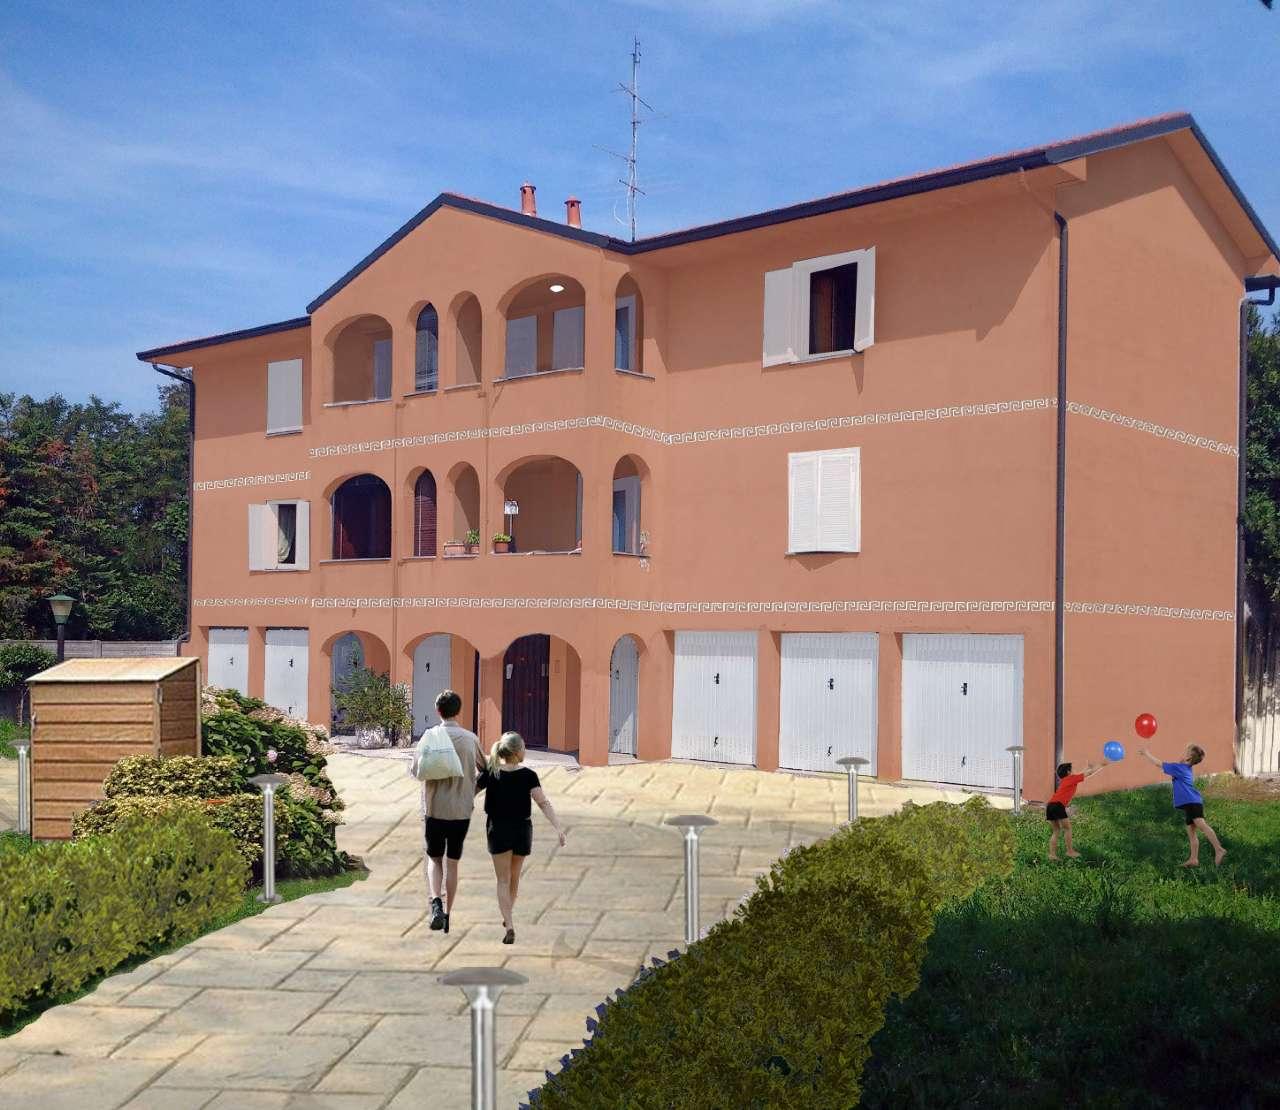 Appartamento in vendita a Gorla Minore, 3 locali, prezzo € 94.000 | CambioCasa.it